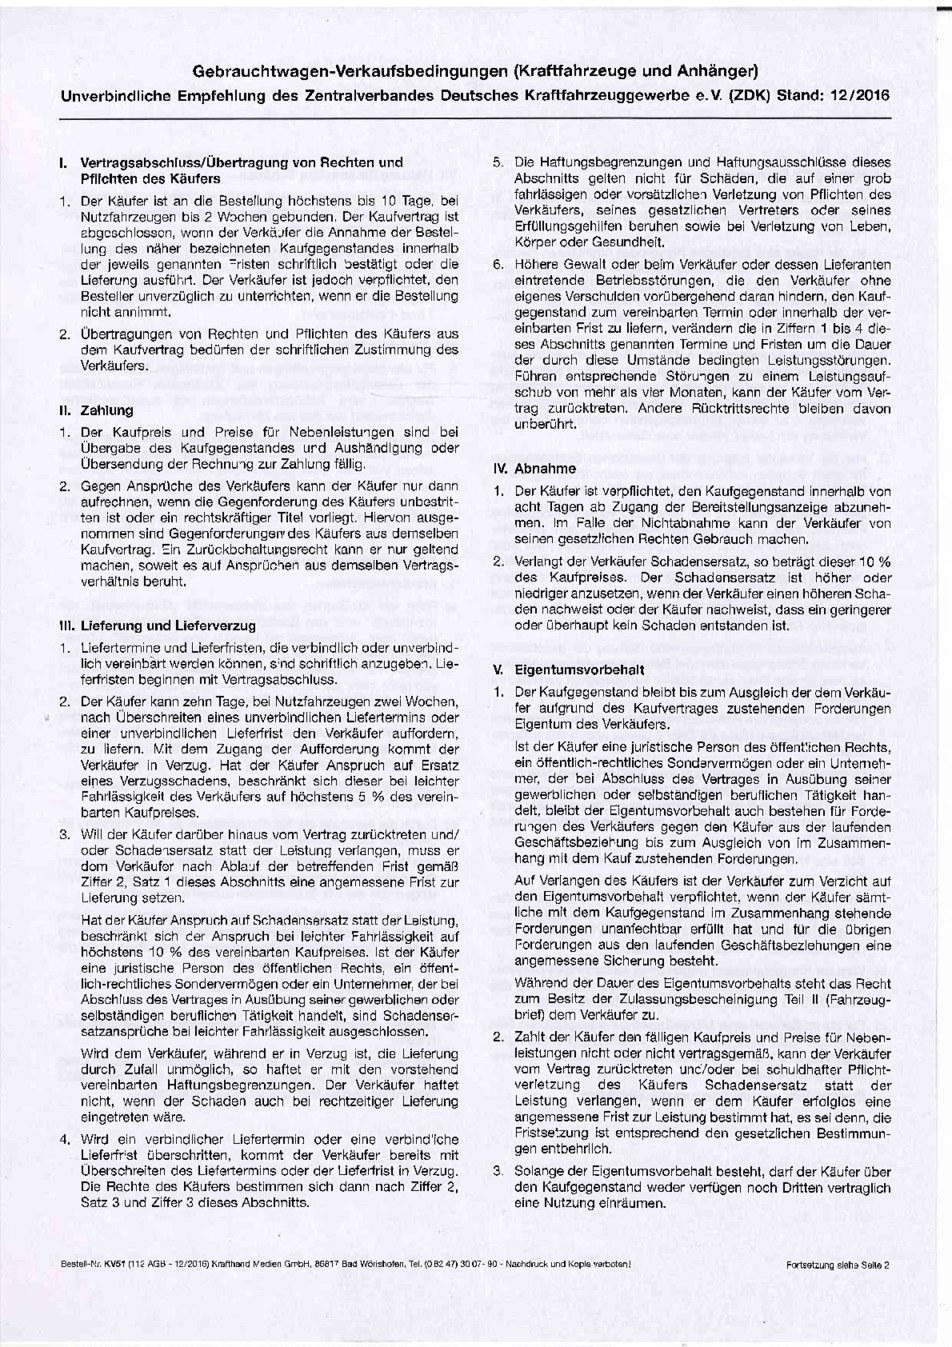 Gebrauchtwagen Verkaufsbedingungen Seite 1 von 2